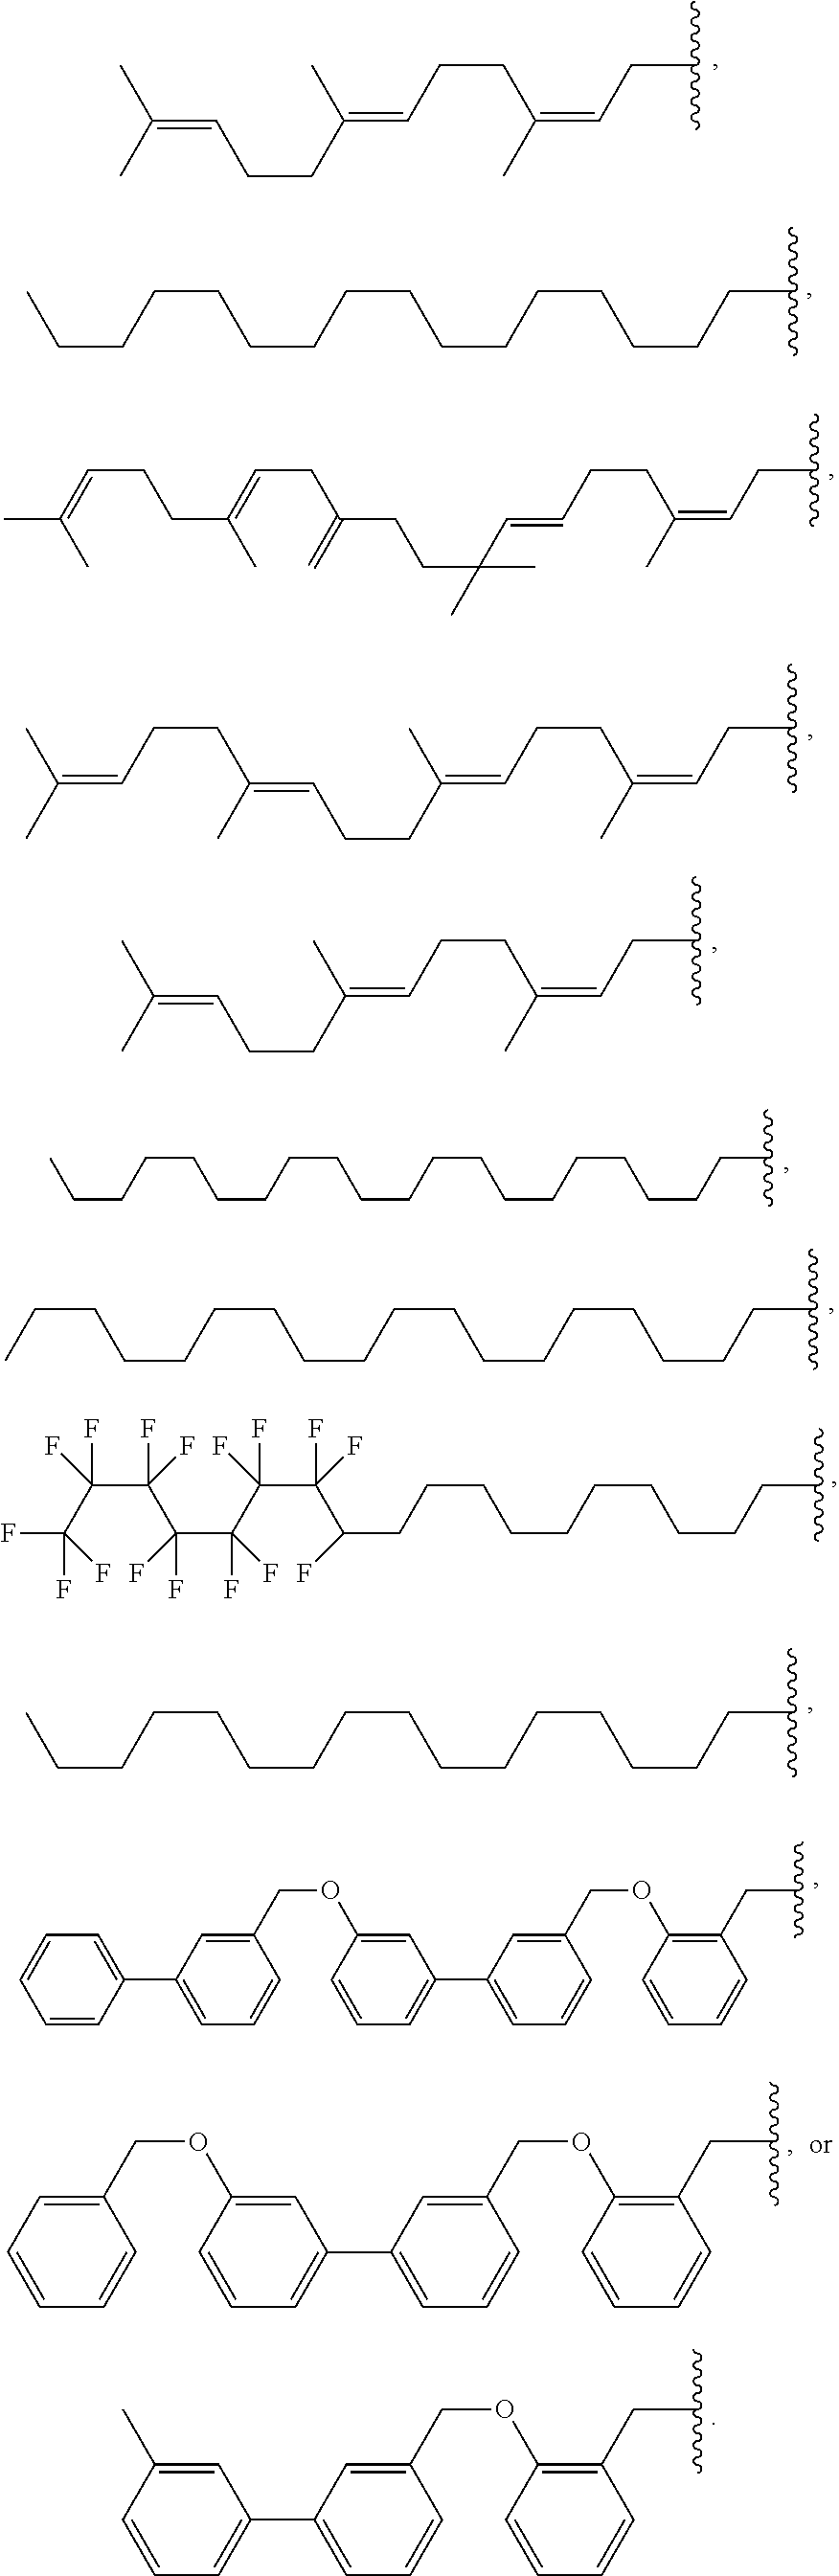 Figure US09902985-20180227-C00096